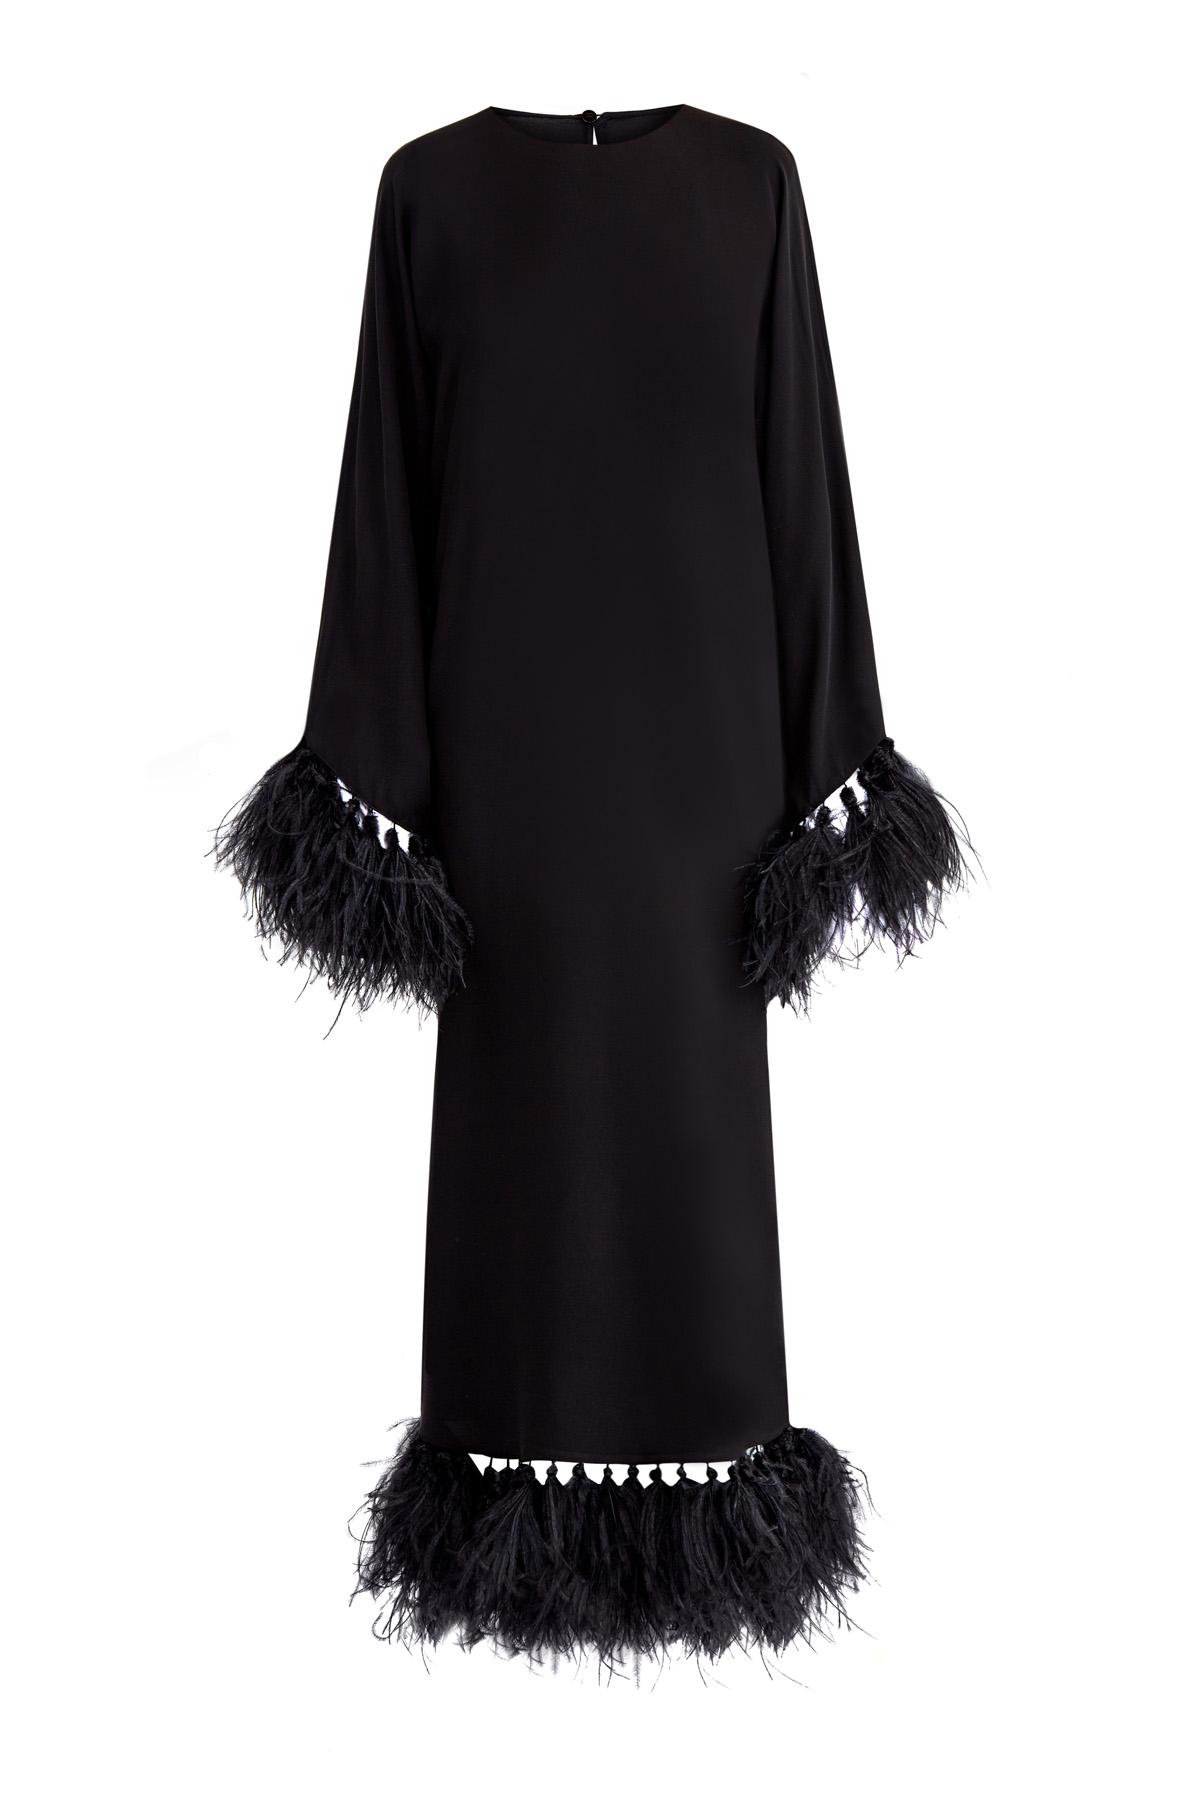 Платье из натурального шелка с выполненной вручную отделкой перьями